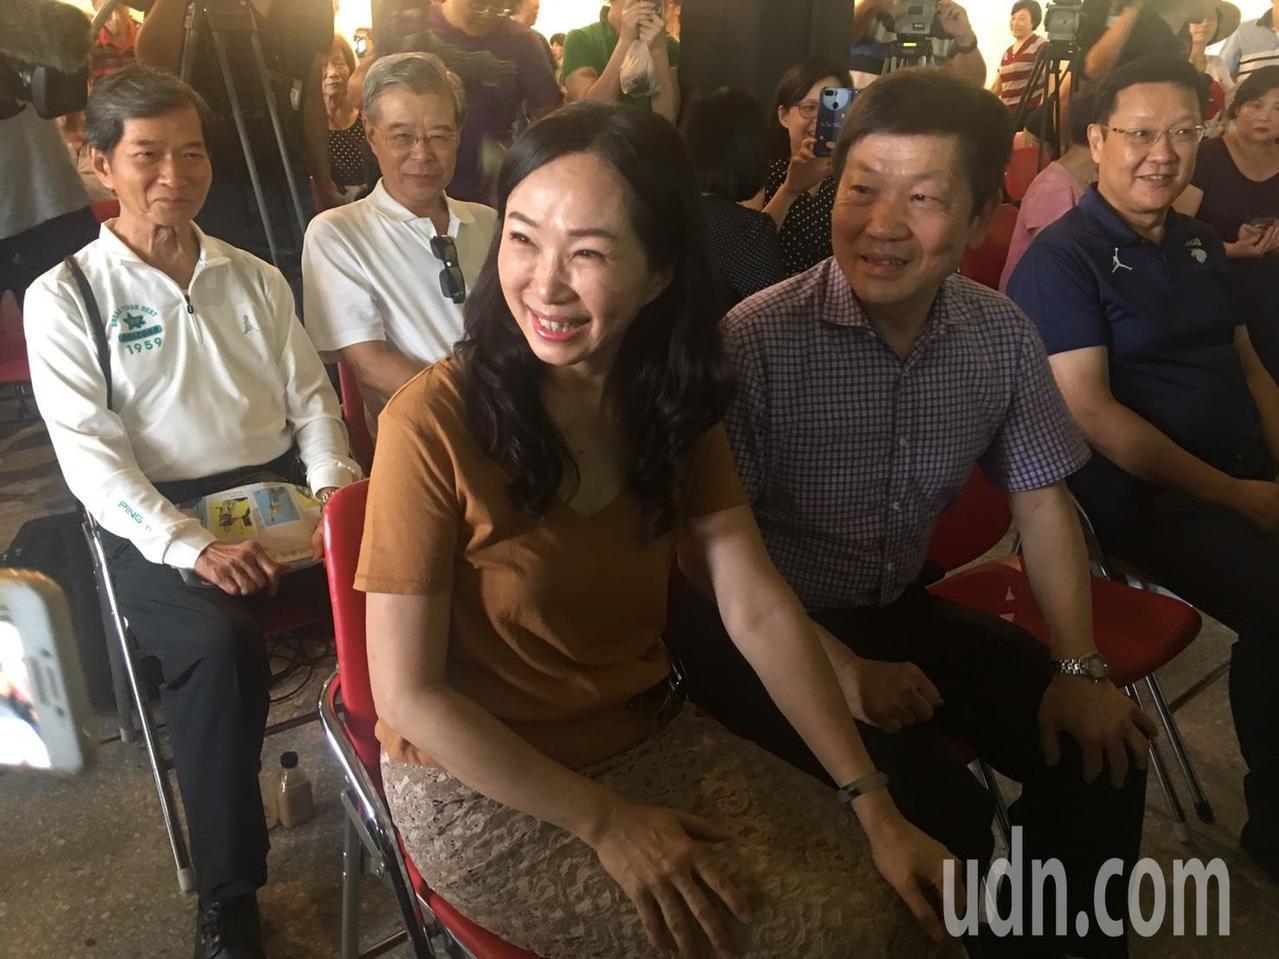 高雄市長韓國瑜夫人李佳芬(中)今天下午到台北市永康商圈參加活動。記者魏莨伊/攝影